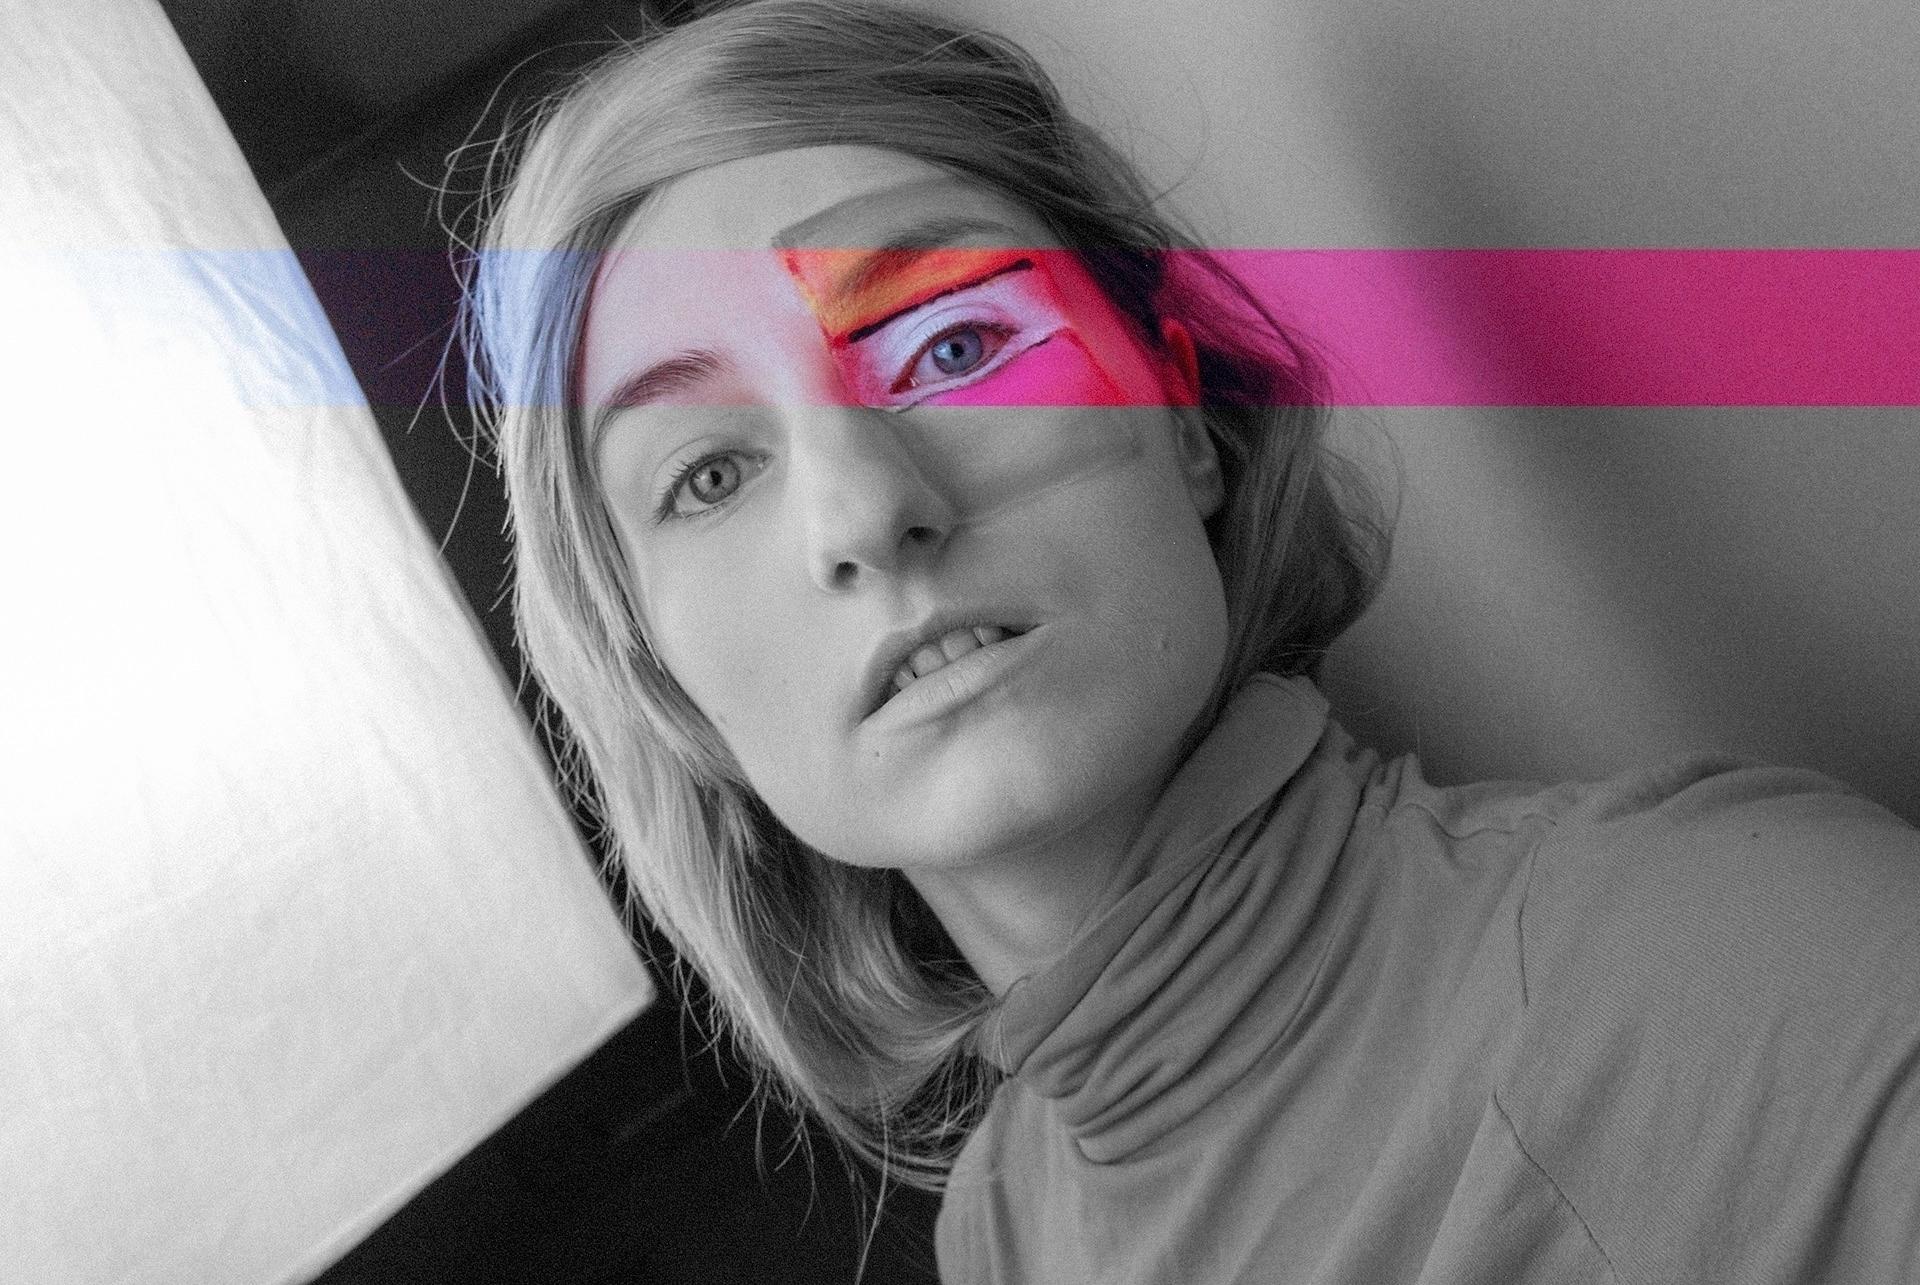 Zdjęcie przedstawia czarno-biały portret młodej kobiety. Na fragmencie jej twarzy widzimy 'prześwit' kolorów.